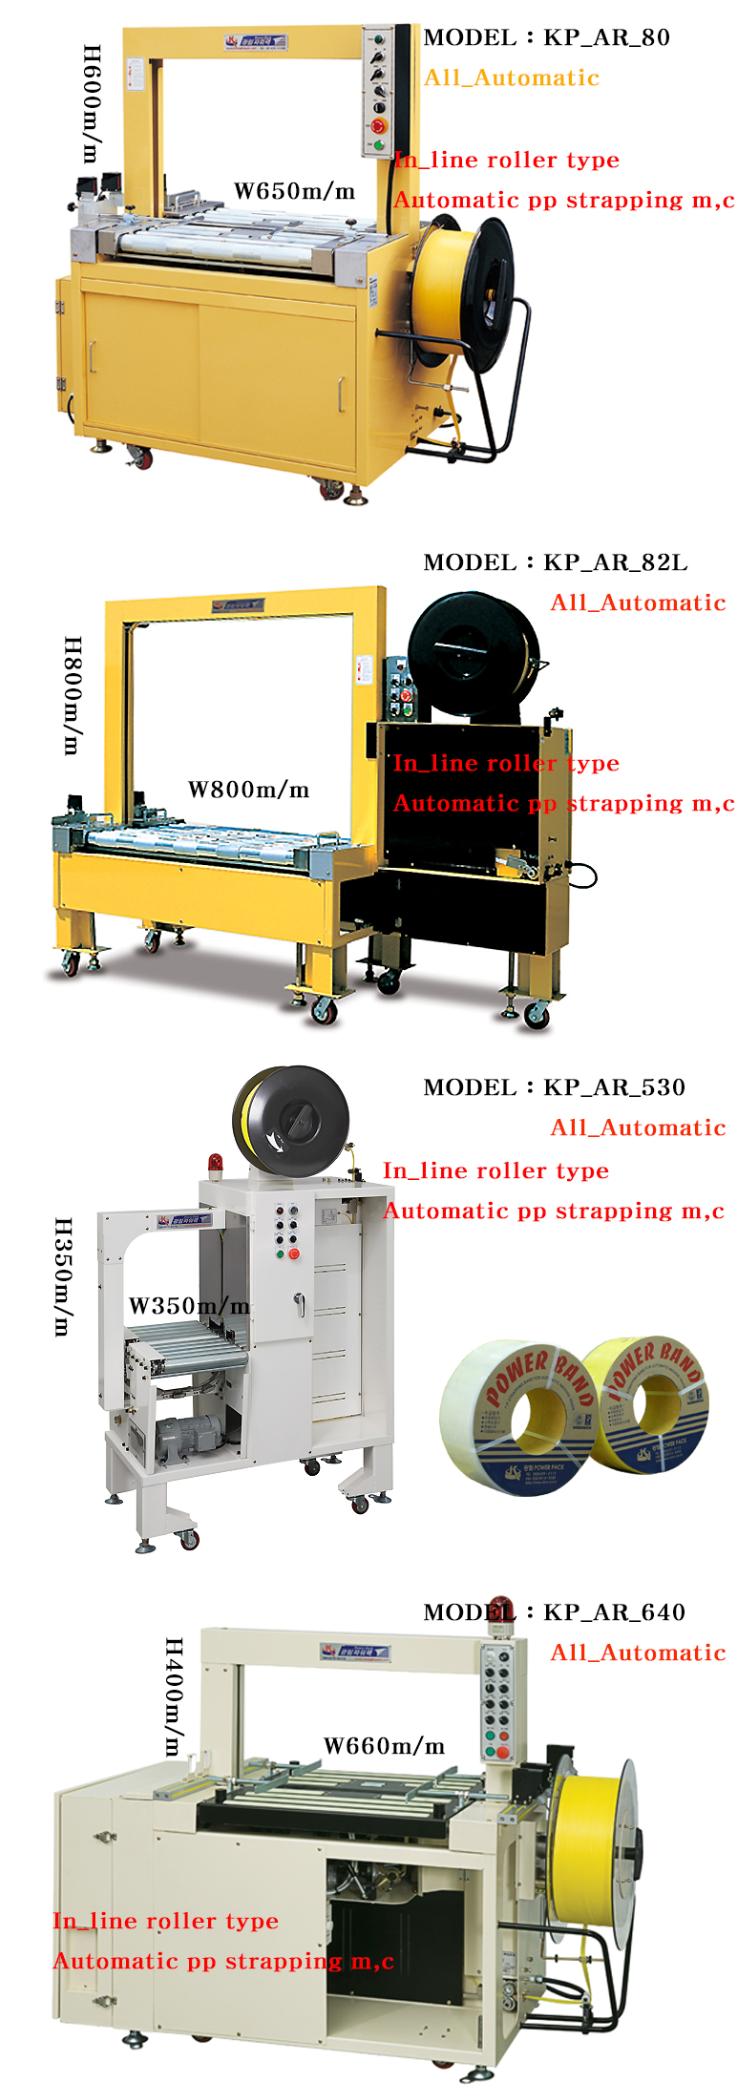 광림파워팩 자동 무인형 밴딩기 시리즈 KP-AR-Series